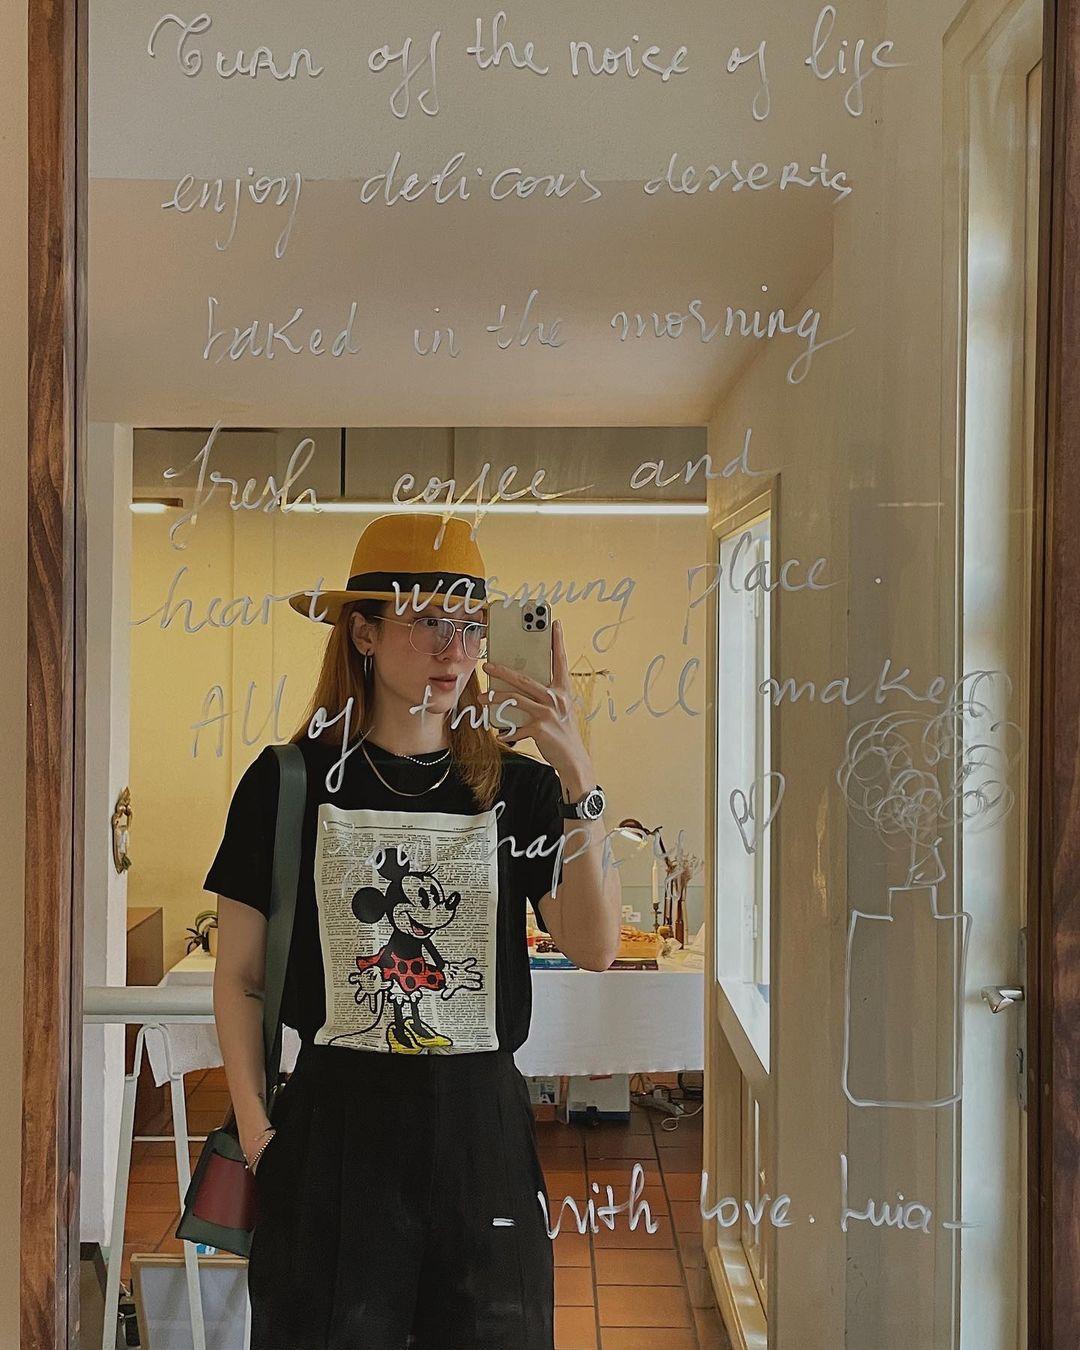 Đồ local brand sao Việt vừa diện: Bộ của Ngọc Trinh siêu rẻ, nhiều váy đẹp tôn dáng cực mê - Ảnh 4.